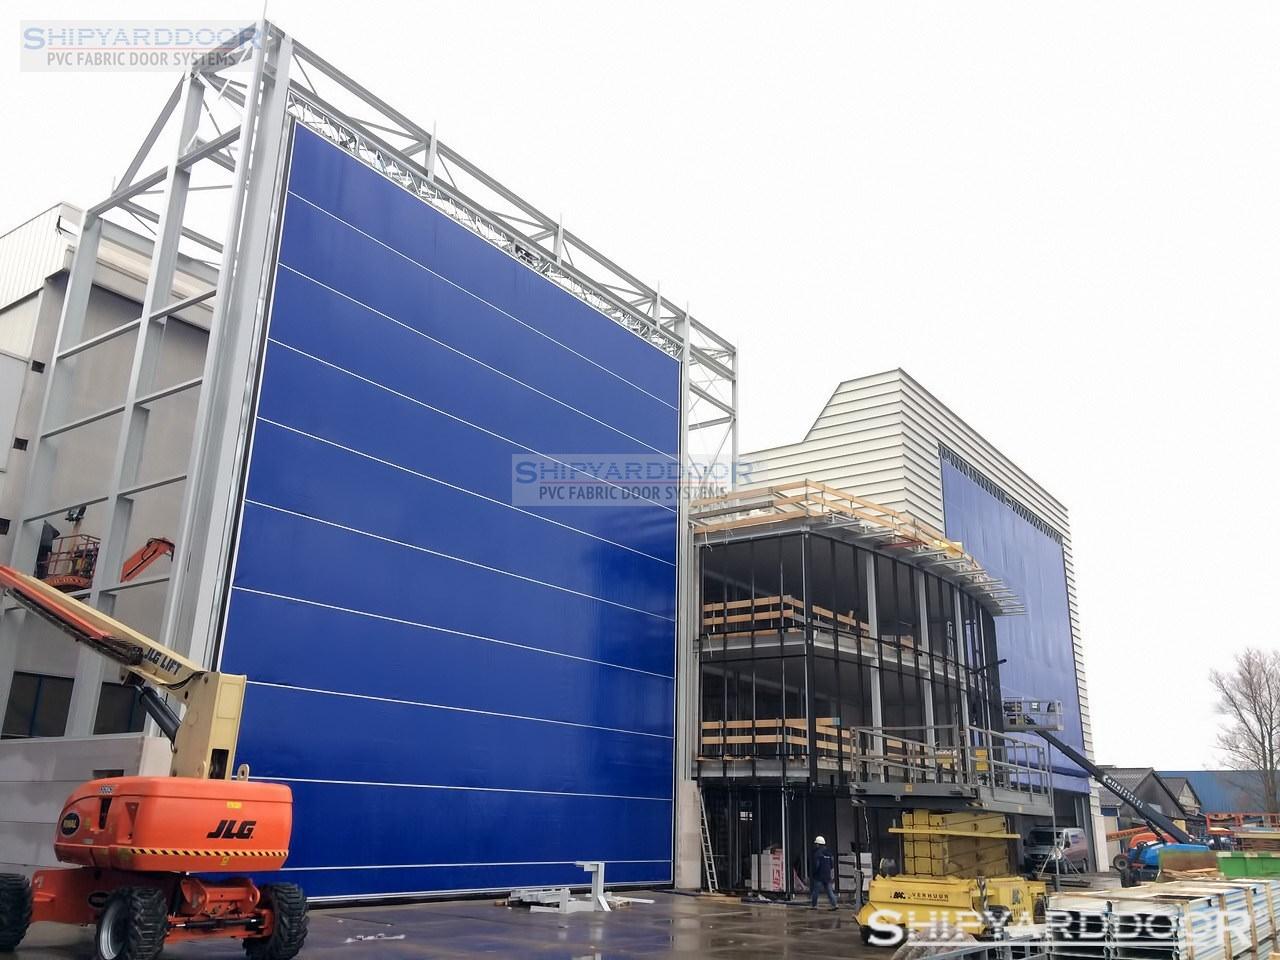 shipyard hanger door en shipyarddoor